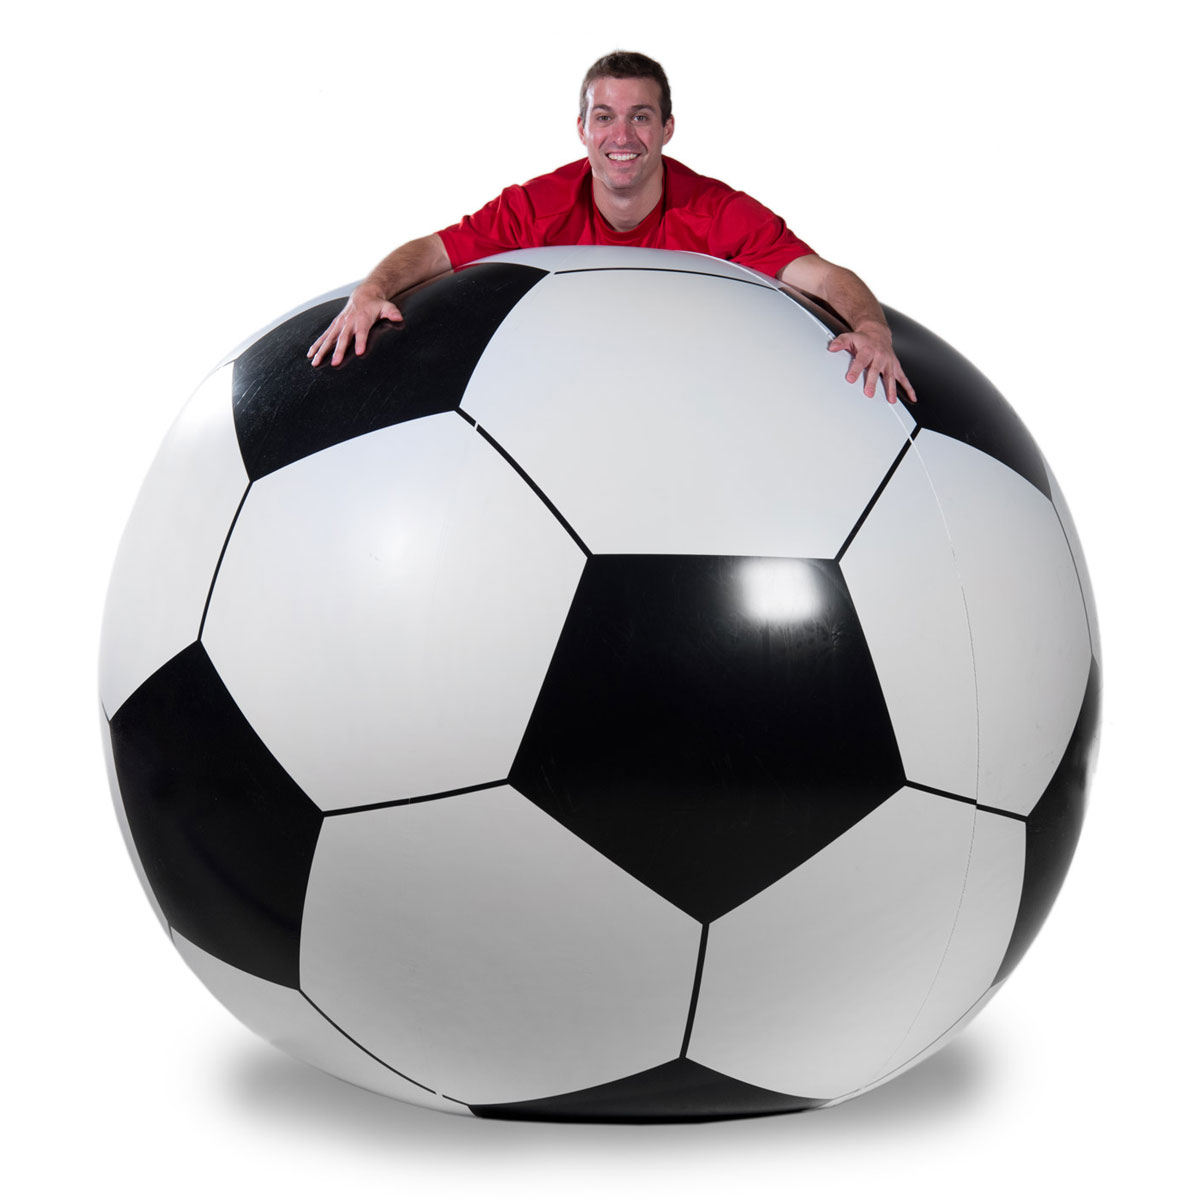 Etiquetas  A Escala   Deporte   Pelotas Y Balones 3 Entarios